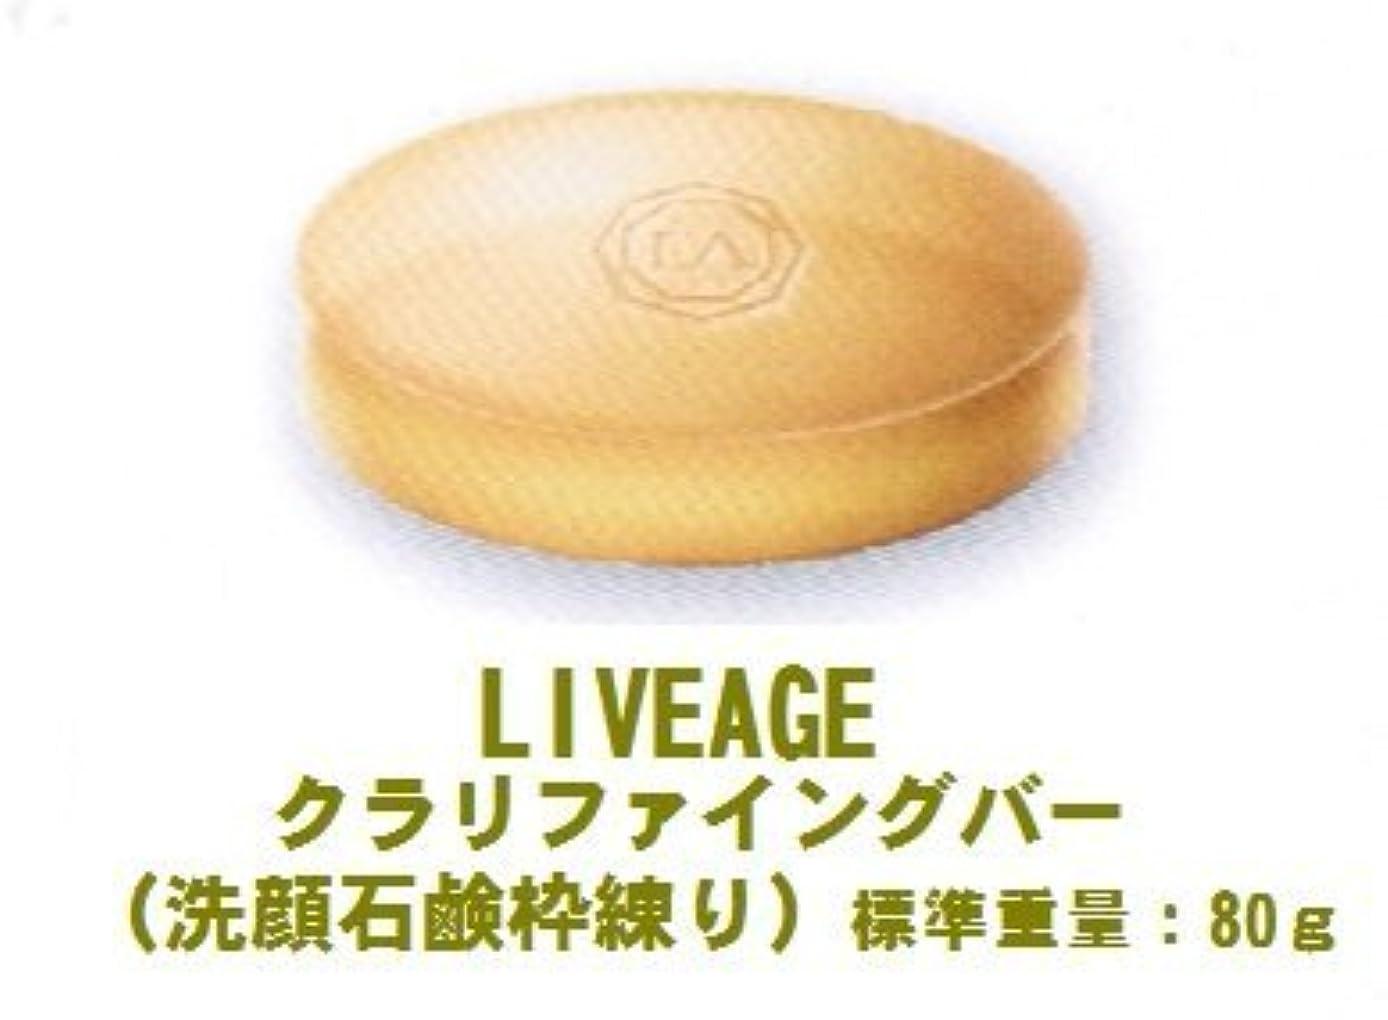 くしゃみ乳白色クリエイティブLIVEAGE(ライヴァージュ)クラリファイング バー(洗顔石鹸 枠練り)標準重量80g